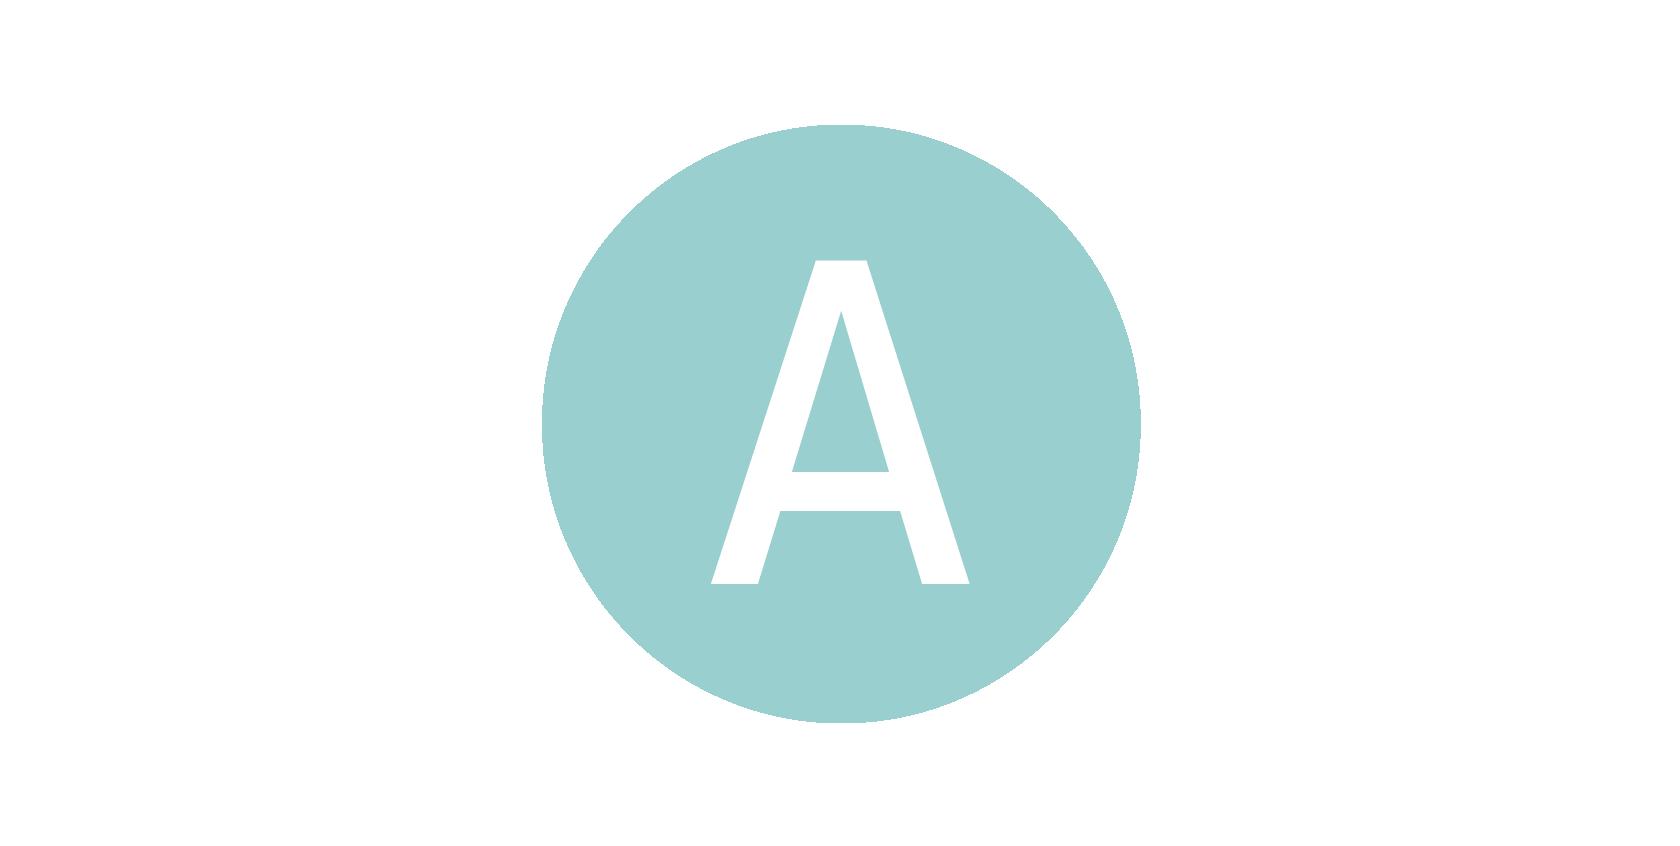 kategorie-grafiken-gefuehrtetouren_Zeichenfläche 1_Zeichenfläche 1.png